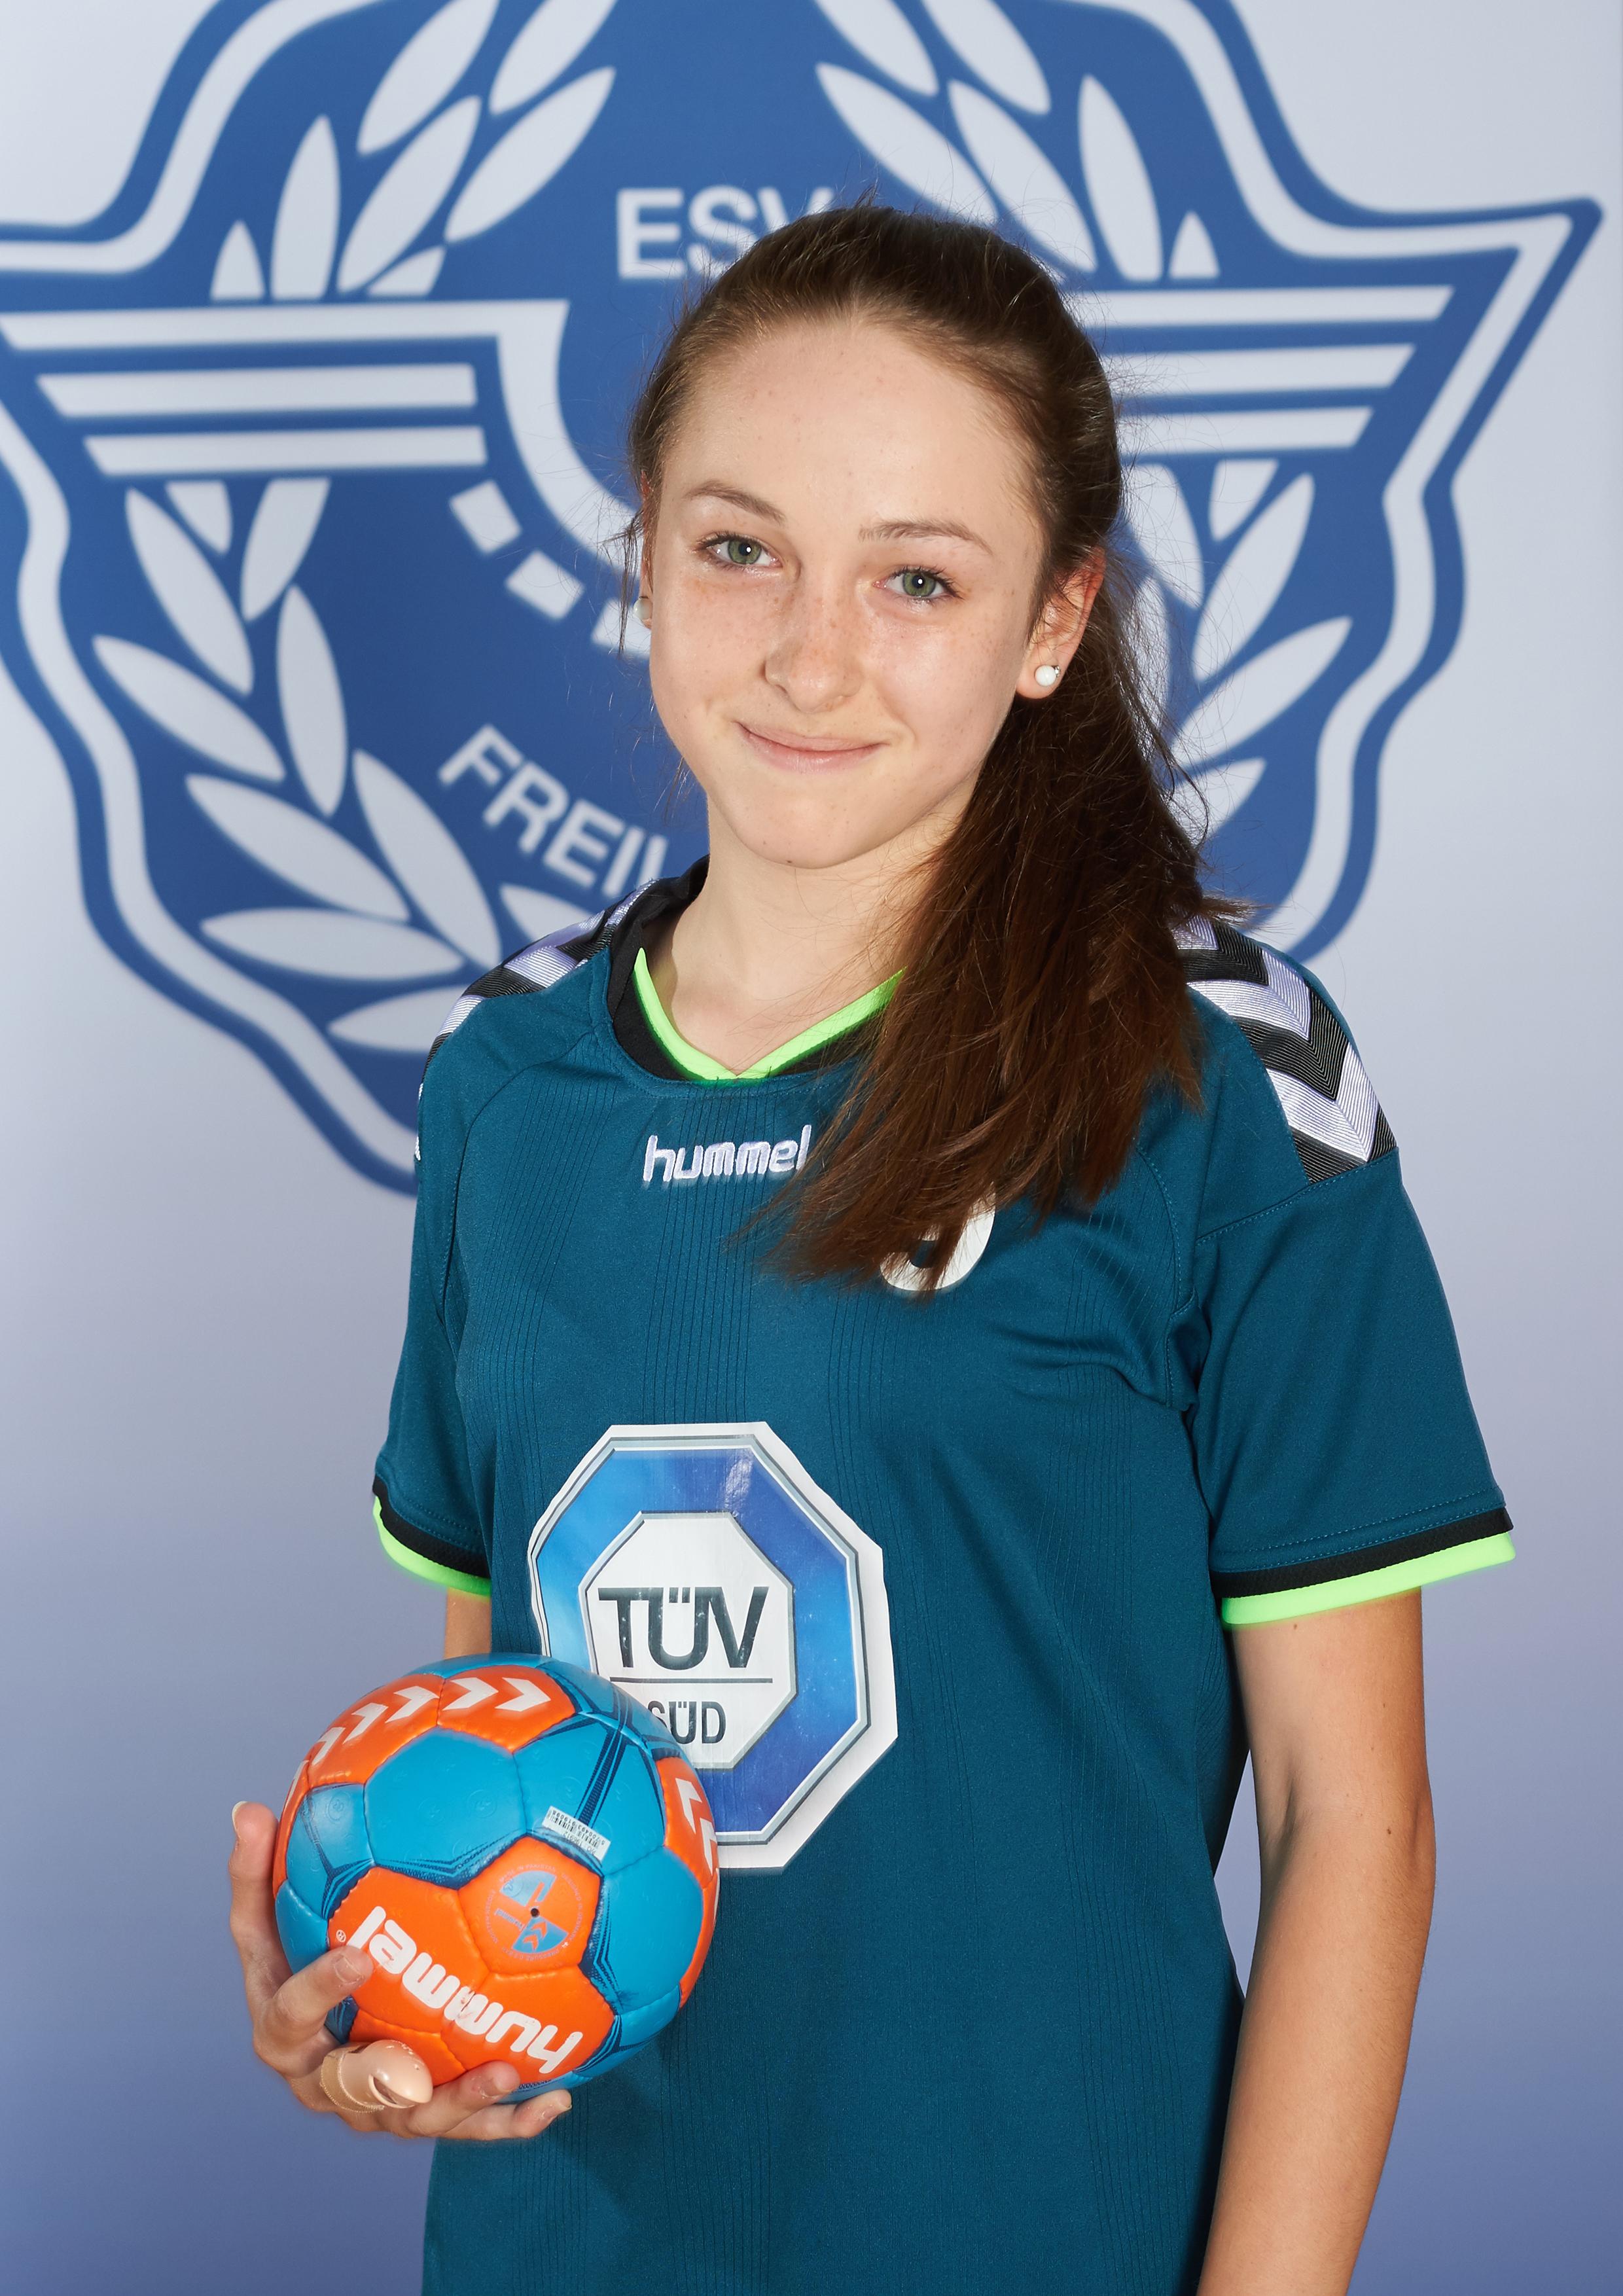 Alexandra Nietz